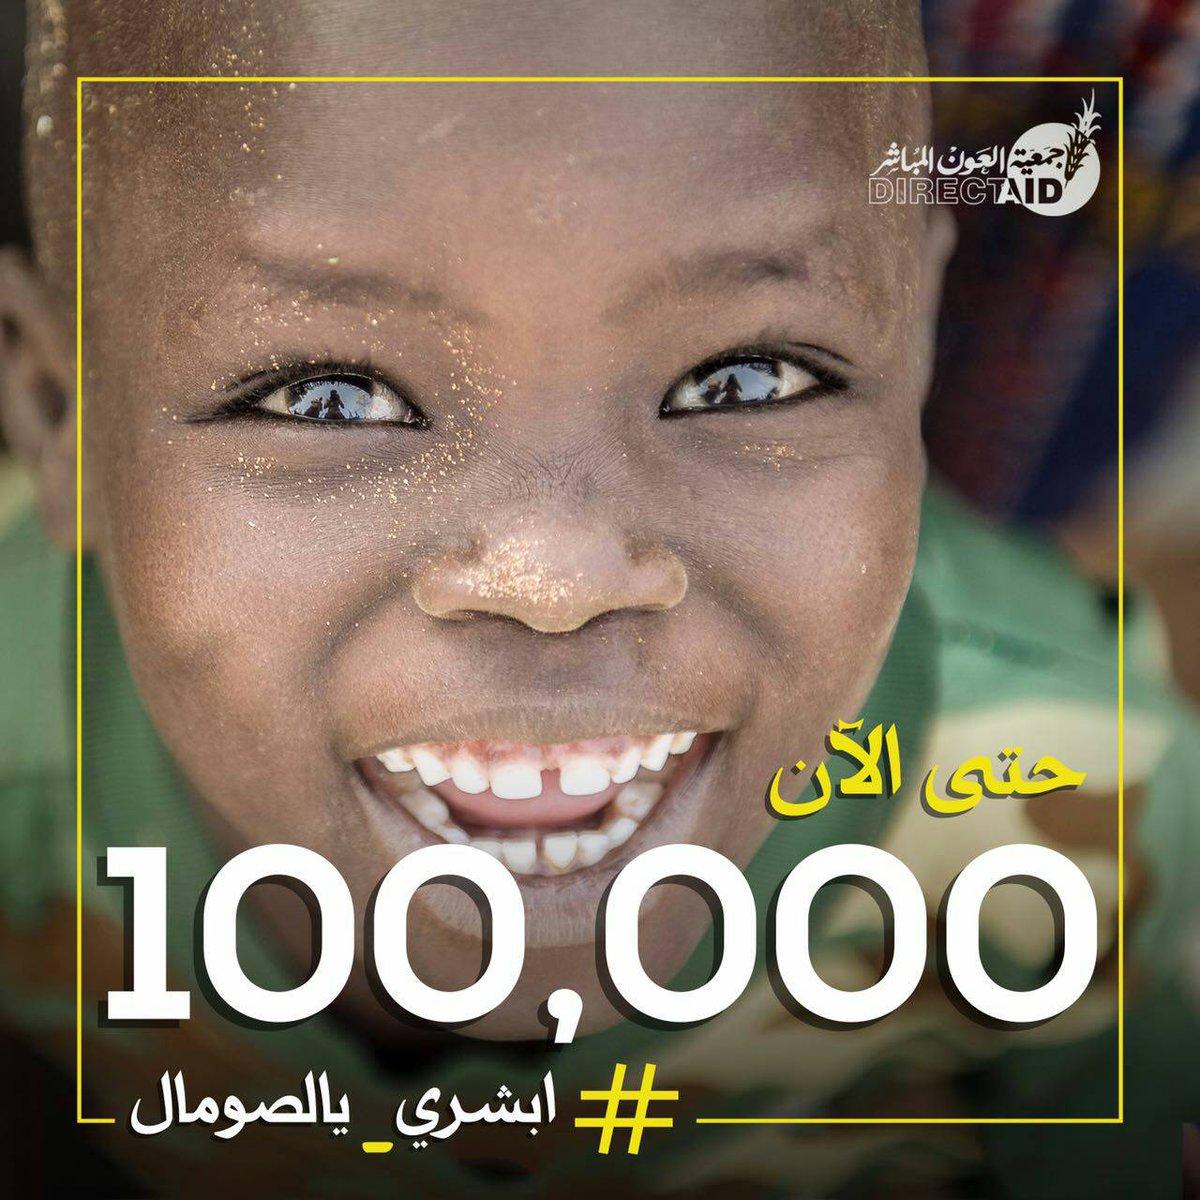 الحمدلله  #ابشري_يالصومال https://t.co/ZWo4aEzKYJ